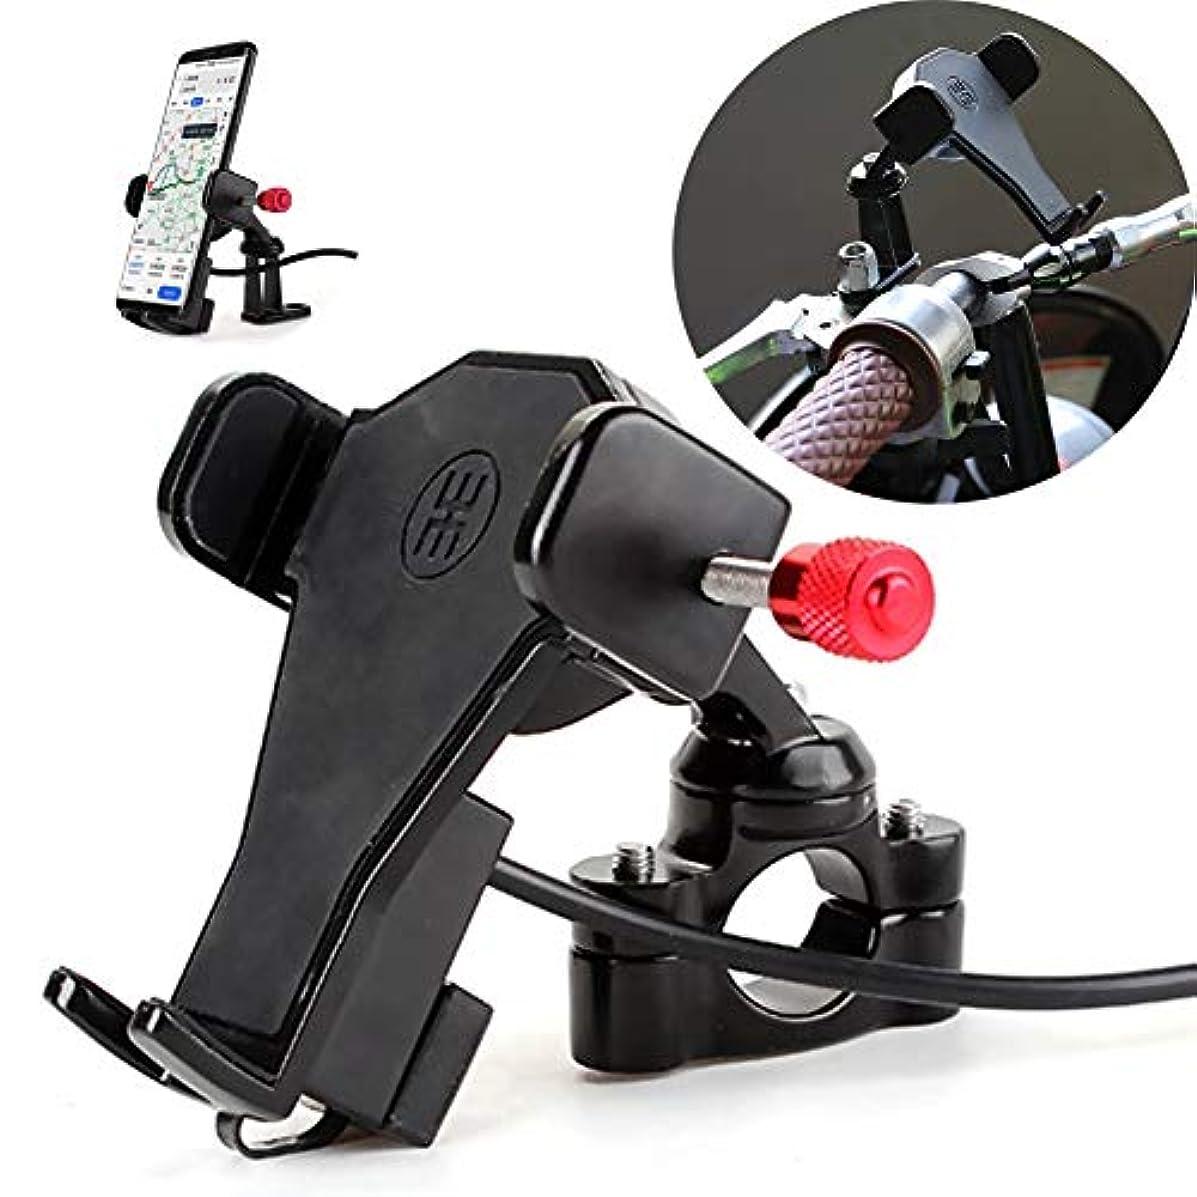 カリキュラム後ろ、背後、背面(部氏自転車オートバイ携帯電話マウントホルダー - USB充電器付き360度回転、3.5-6.6インチ電話に適しています、あらゆるスマートフォンGPS用 - ユニバーサルマウンテンロードバイクオートバイ